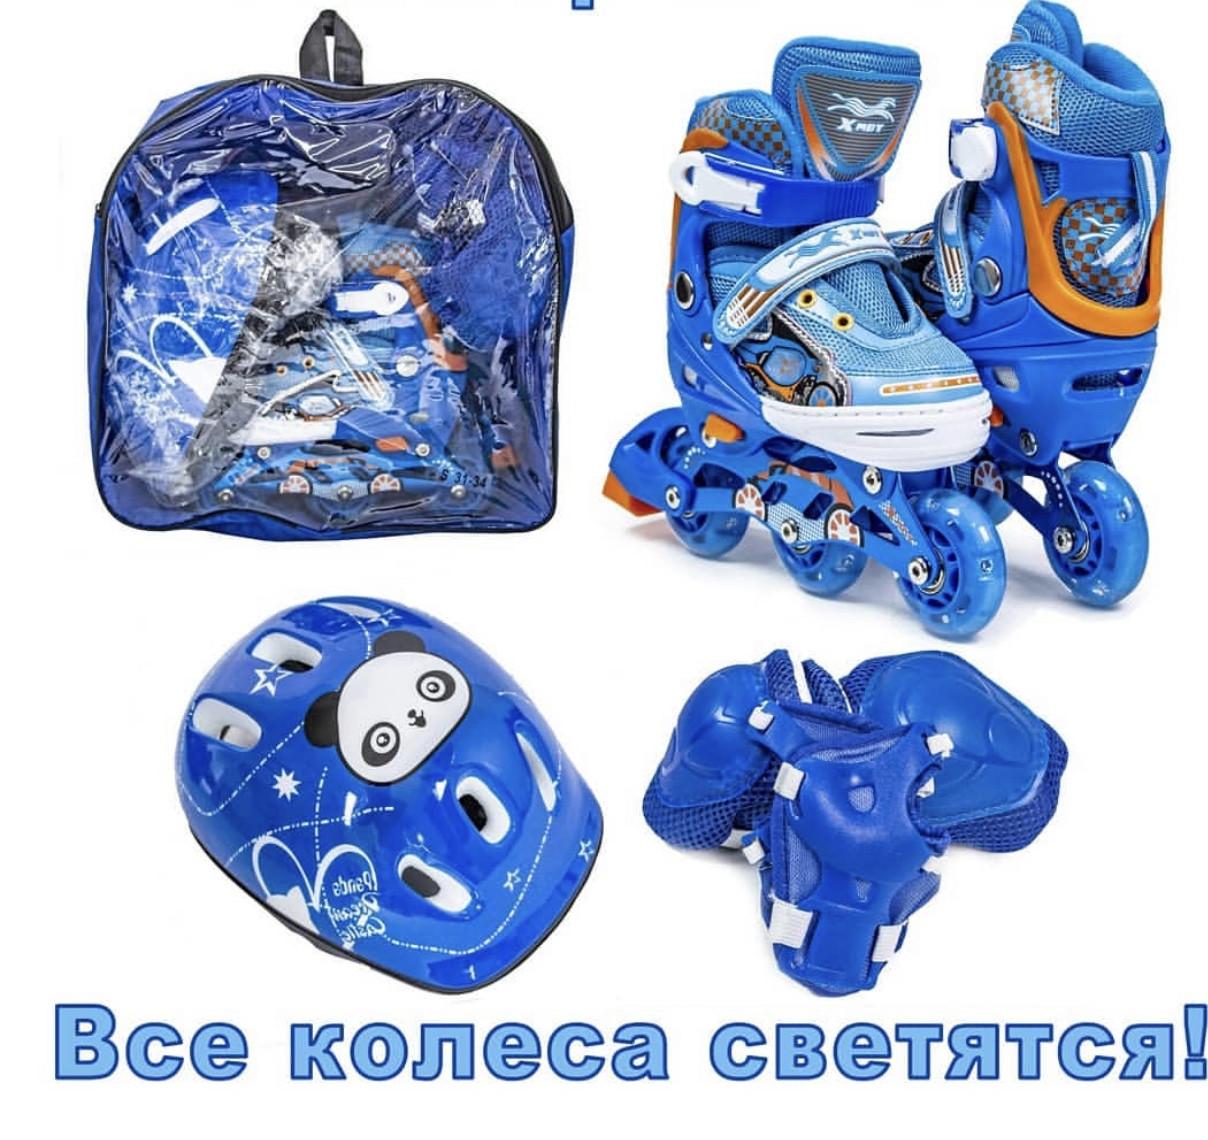 Детские ролики  28-31 - Комплект Раздвижных Роликов Sport Kids светящие колеса - Синий